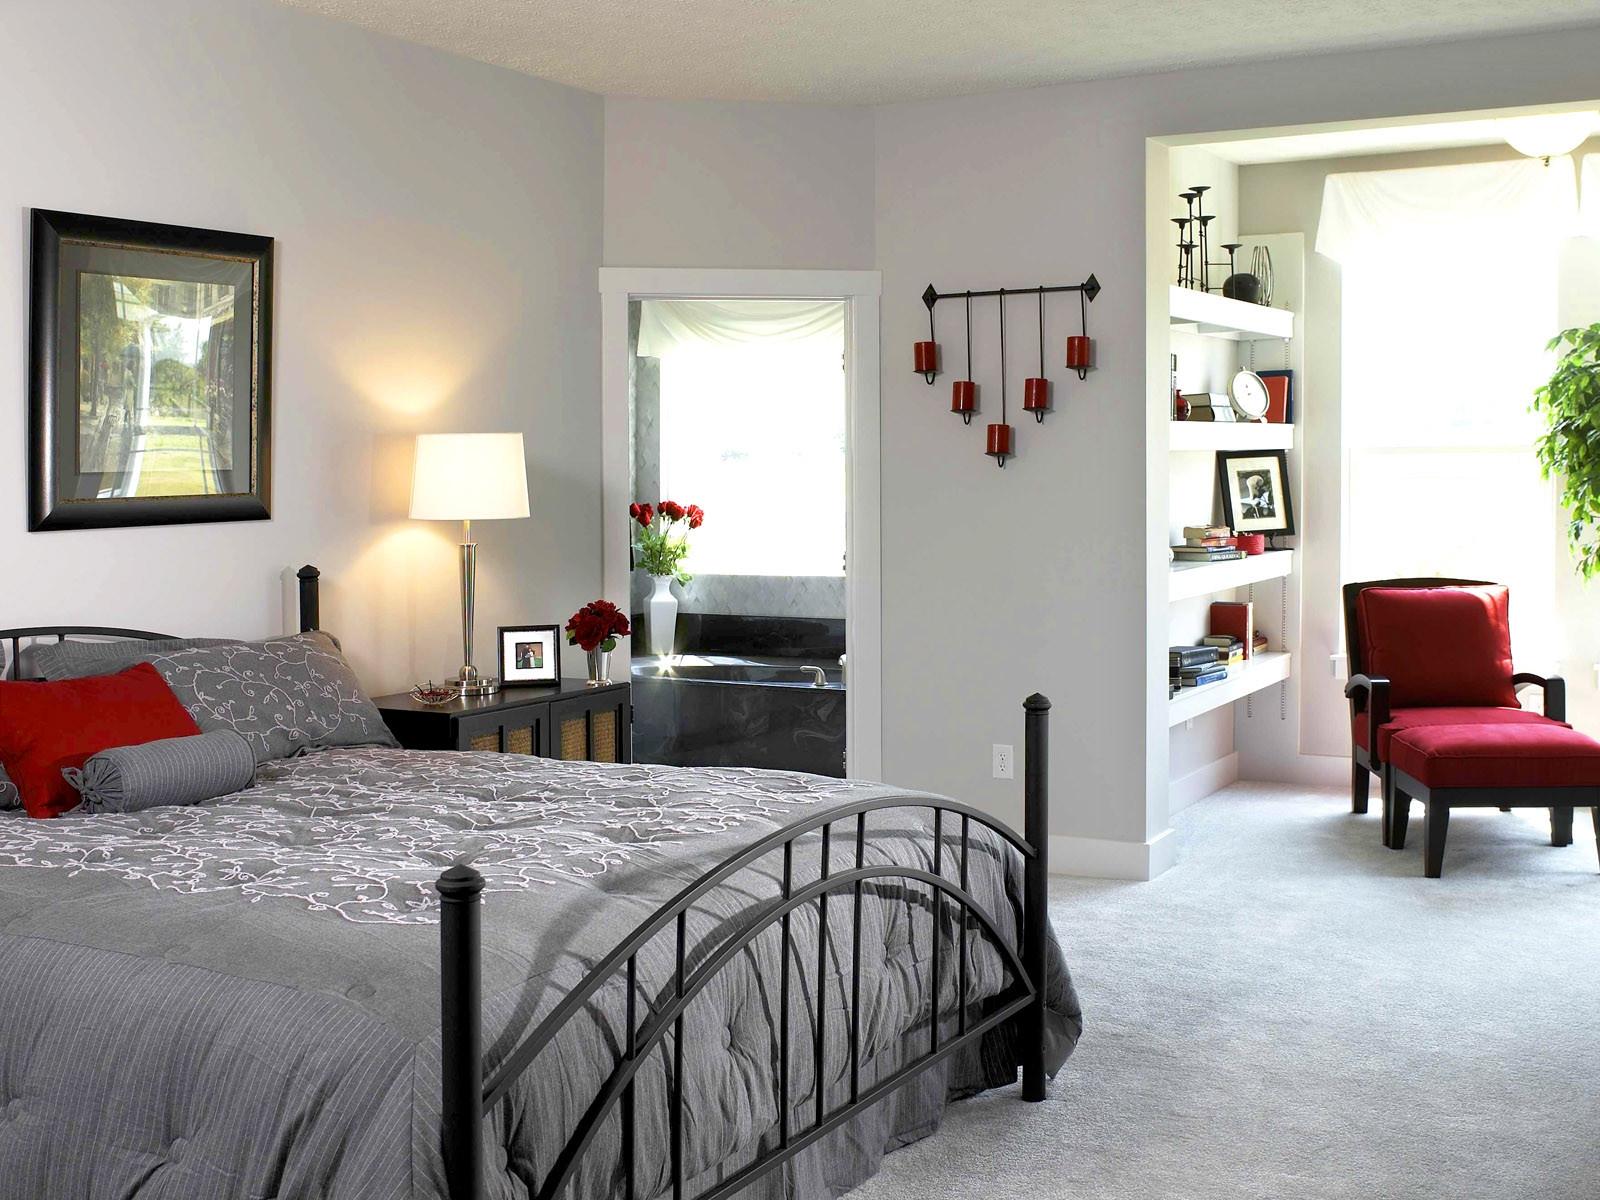 Sfondi : camera, mobilia, Camera da letto, stile 1600x1200 ...